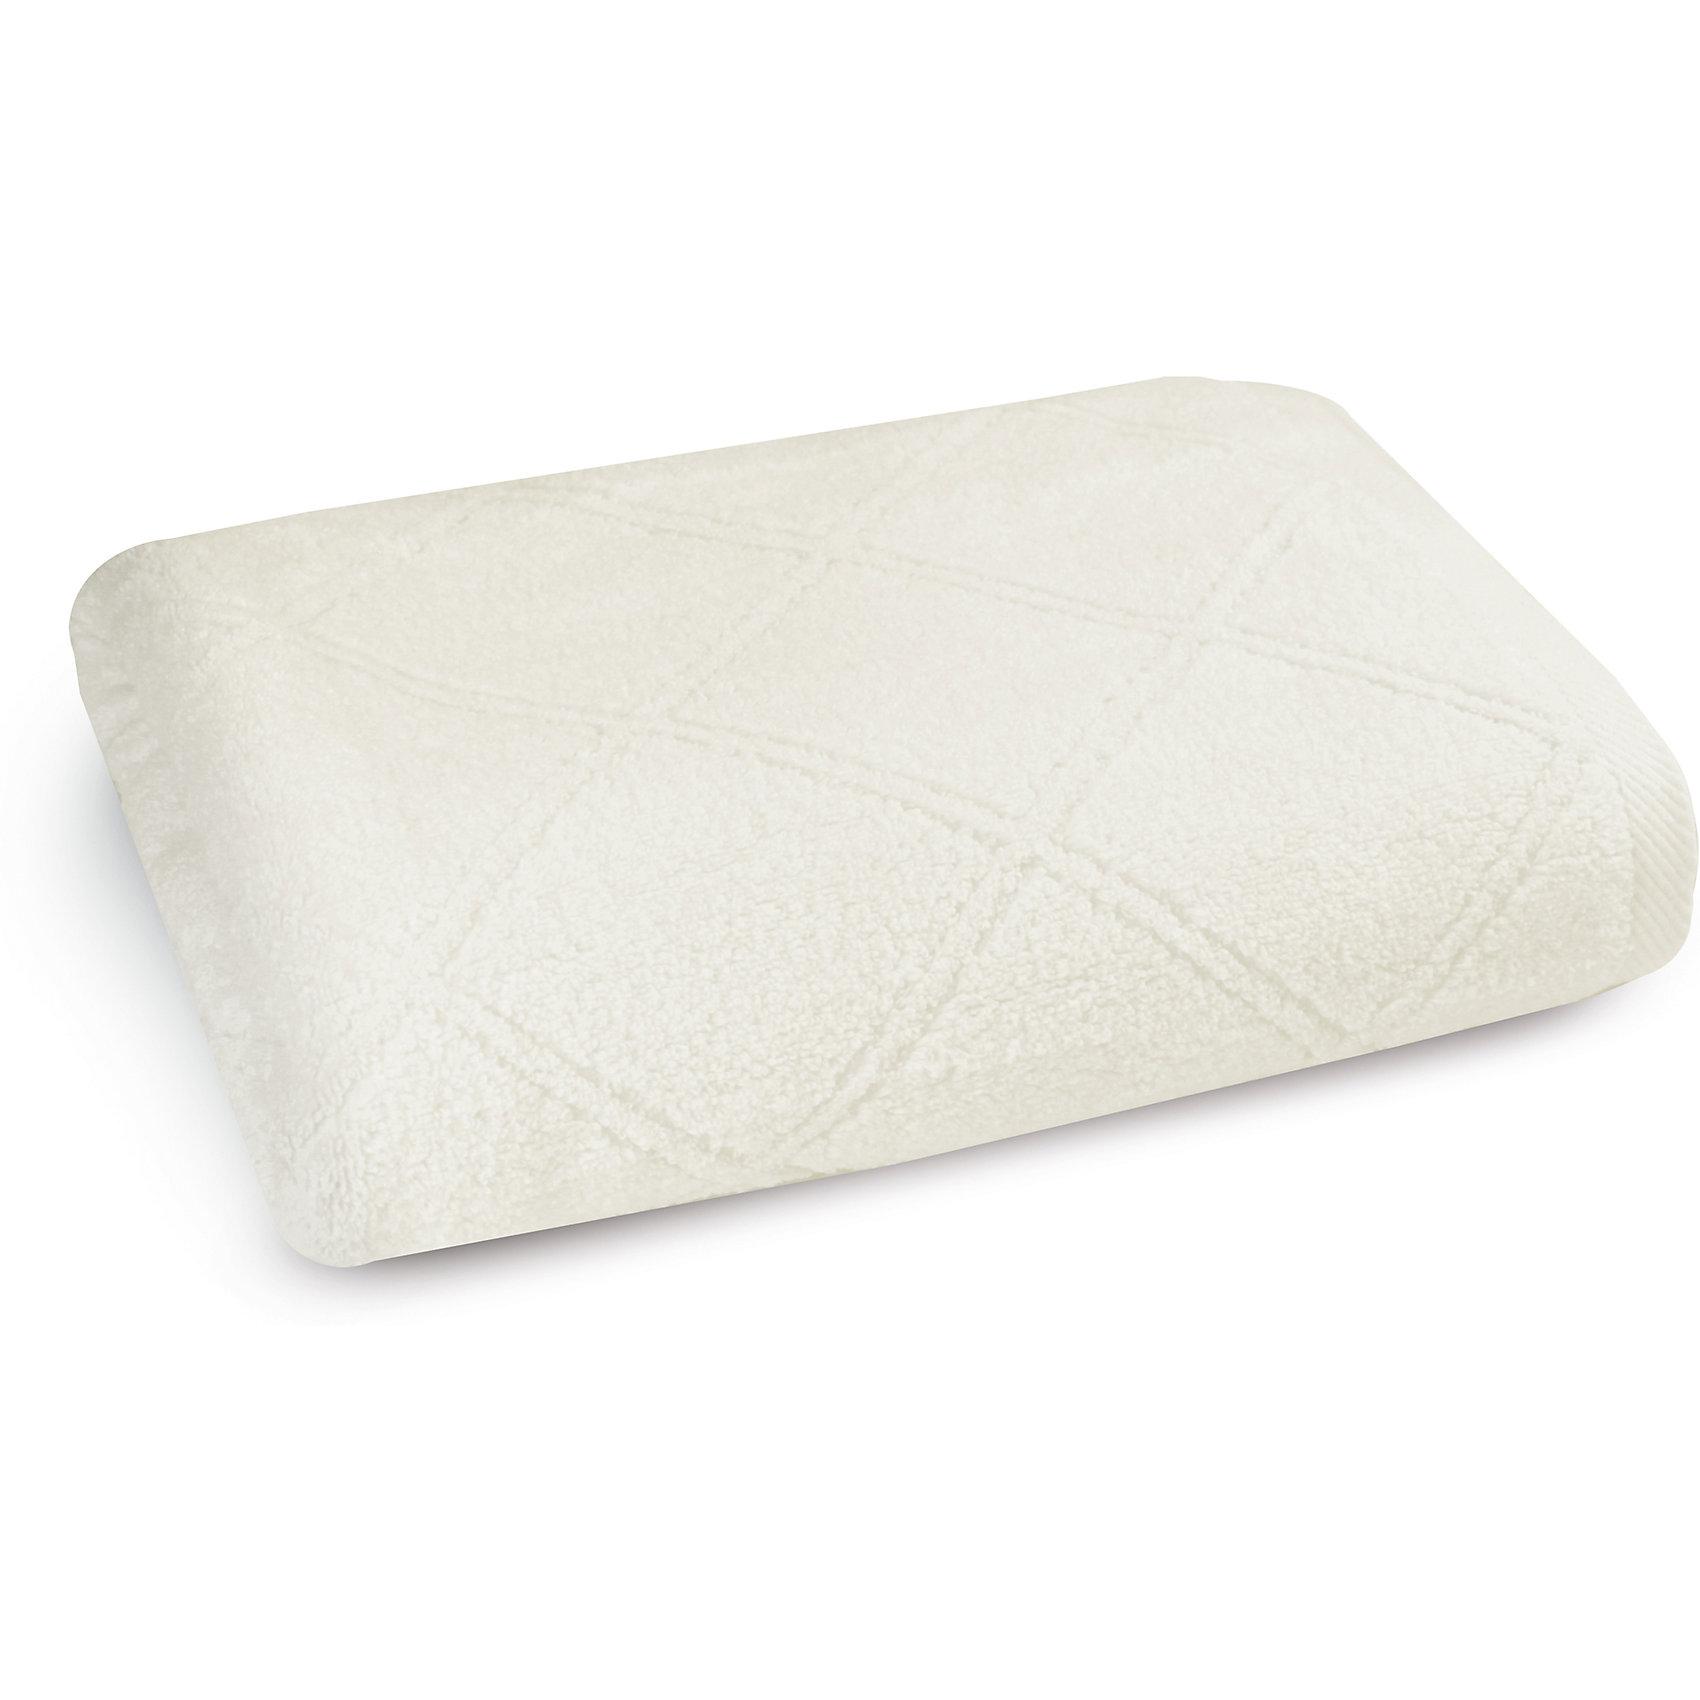 Полотенце махровое 70*140, Cozy Home, белыйВанная комната<br>Полотенце махровое 70*140, Cozy Home (Кози Хоум), белый<br><br>Характеристики:<br><br>• мягкое полотенце, приятное на ощупь<br>• хорошо впитывает влагу<br>• легко стирать<br>• материал: хлопок<br>• размер: 70х140 см<br>• цвет: белый<br><br>Мягкое и качественное полотенце - залог вашего комфорта. Махровое полотенце от Cozy Home создано из мягкого качественного хлопка. Хлопок хорошо впитывает влагу, не позволяя микробам и бактериям образовываться на поверхности. К тому же, полотенце не меняет свой вид и сохраняет свойства даже после многочисленных стирок. Дизайн полотенца - однотонная расцветка с узором из ромбов. Он прекрасно впишется в интерьер любой ванной комнаты.<br><br>Полотенце махровое 70*140, Cozy Home (Кози Хоум), белый вы можете купить в нашем интернет-магазине.<br><br>Ширина мм: 150<br>Глубина мм: 350<br>Высота мм: 150<br>Вес г: 350<br>Возраст от месяцев: 0<br>Возраст до месяцев: 216<br>Пол: Унисекс<br>Возраст: Детский<br>SKU: 5355314